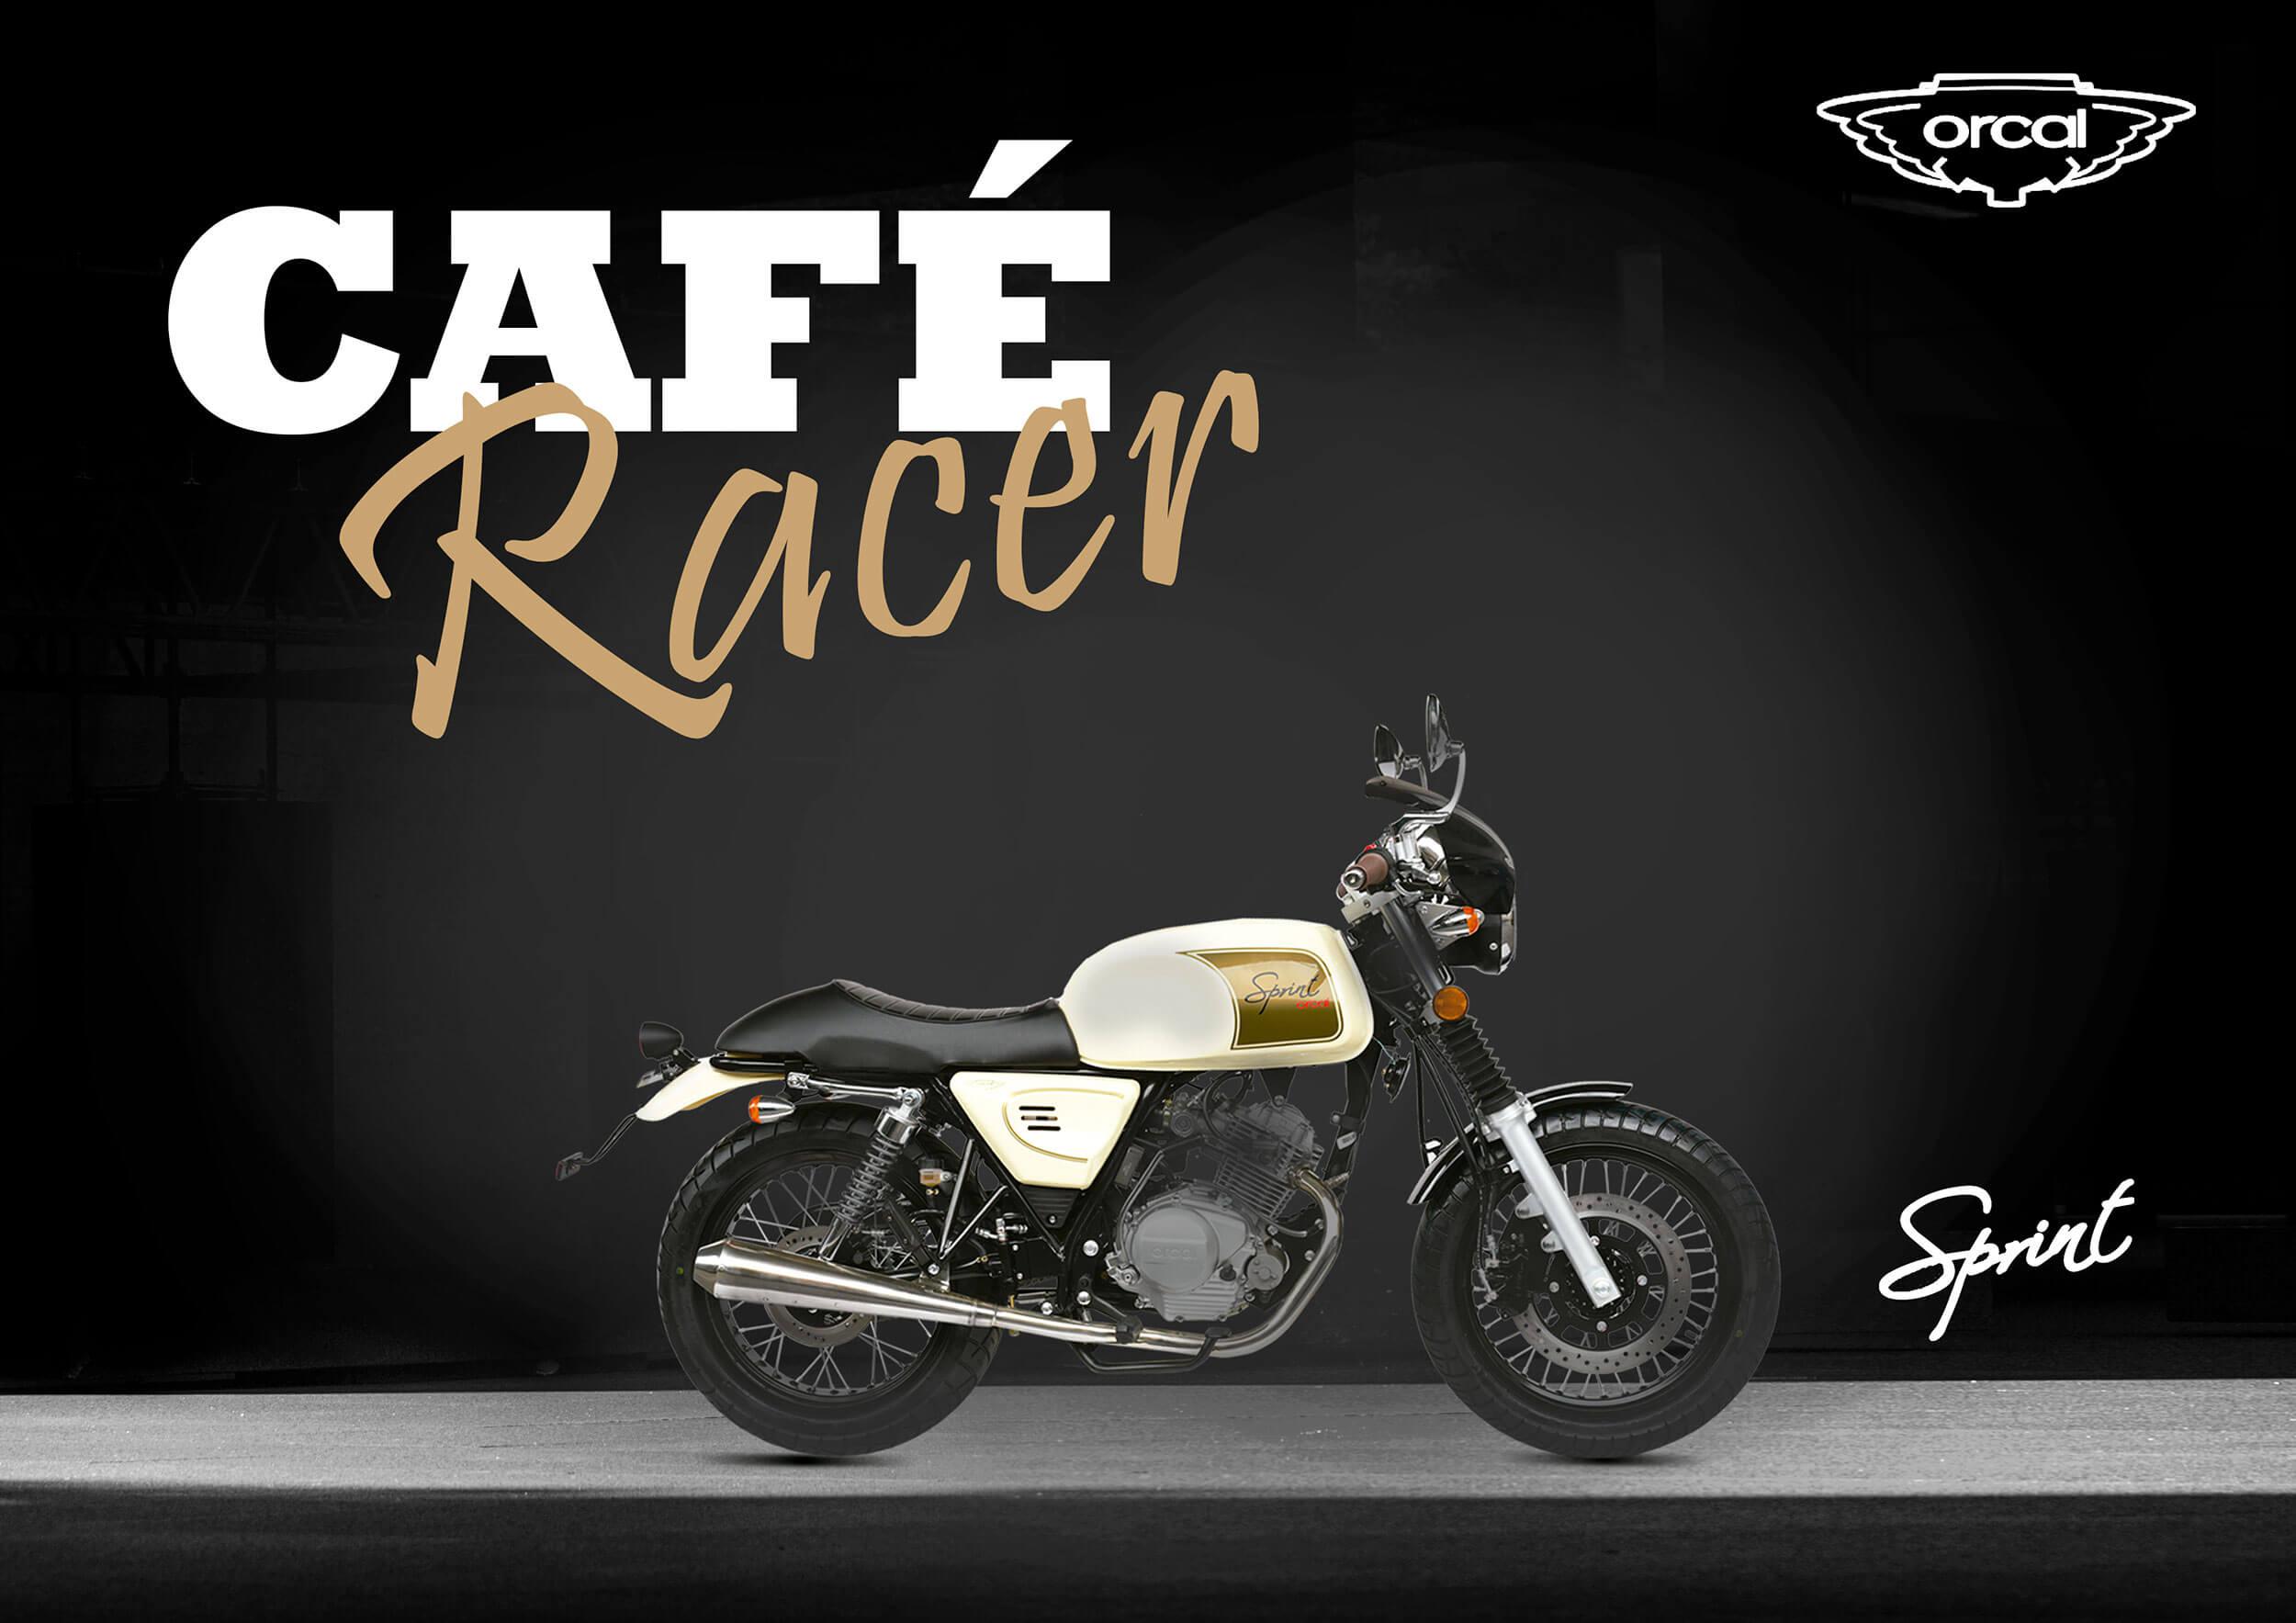 comprar-motos-orcal-sprint-cafe-racer-motissimo-barcelona